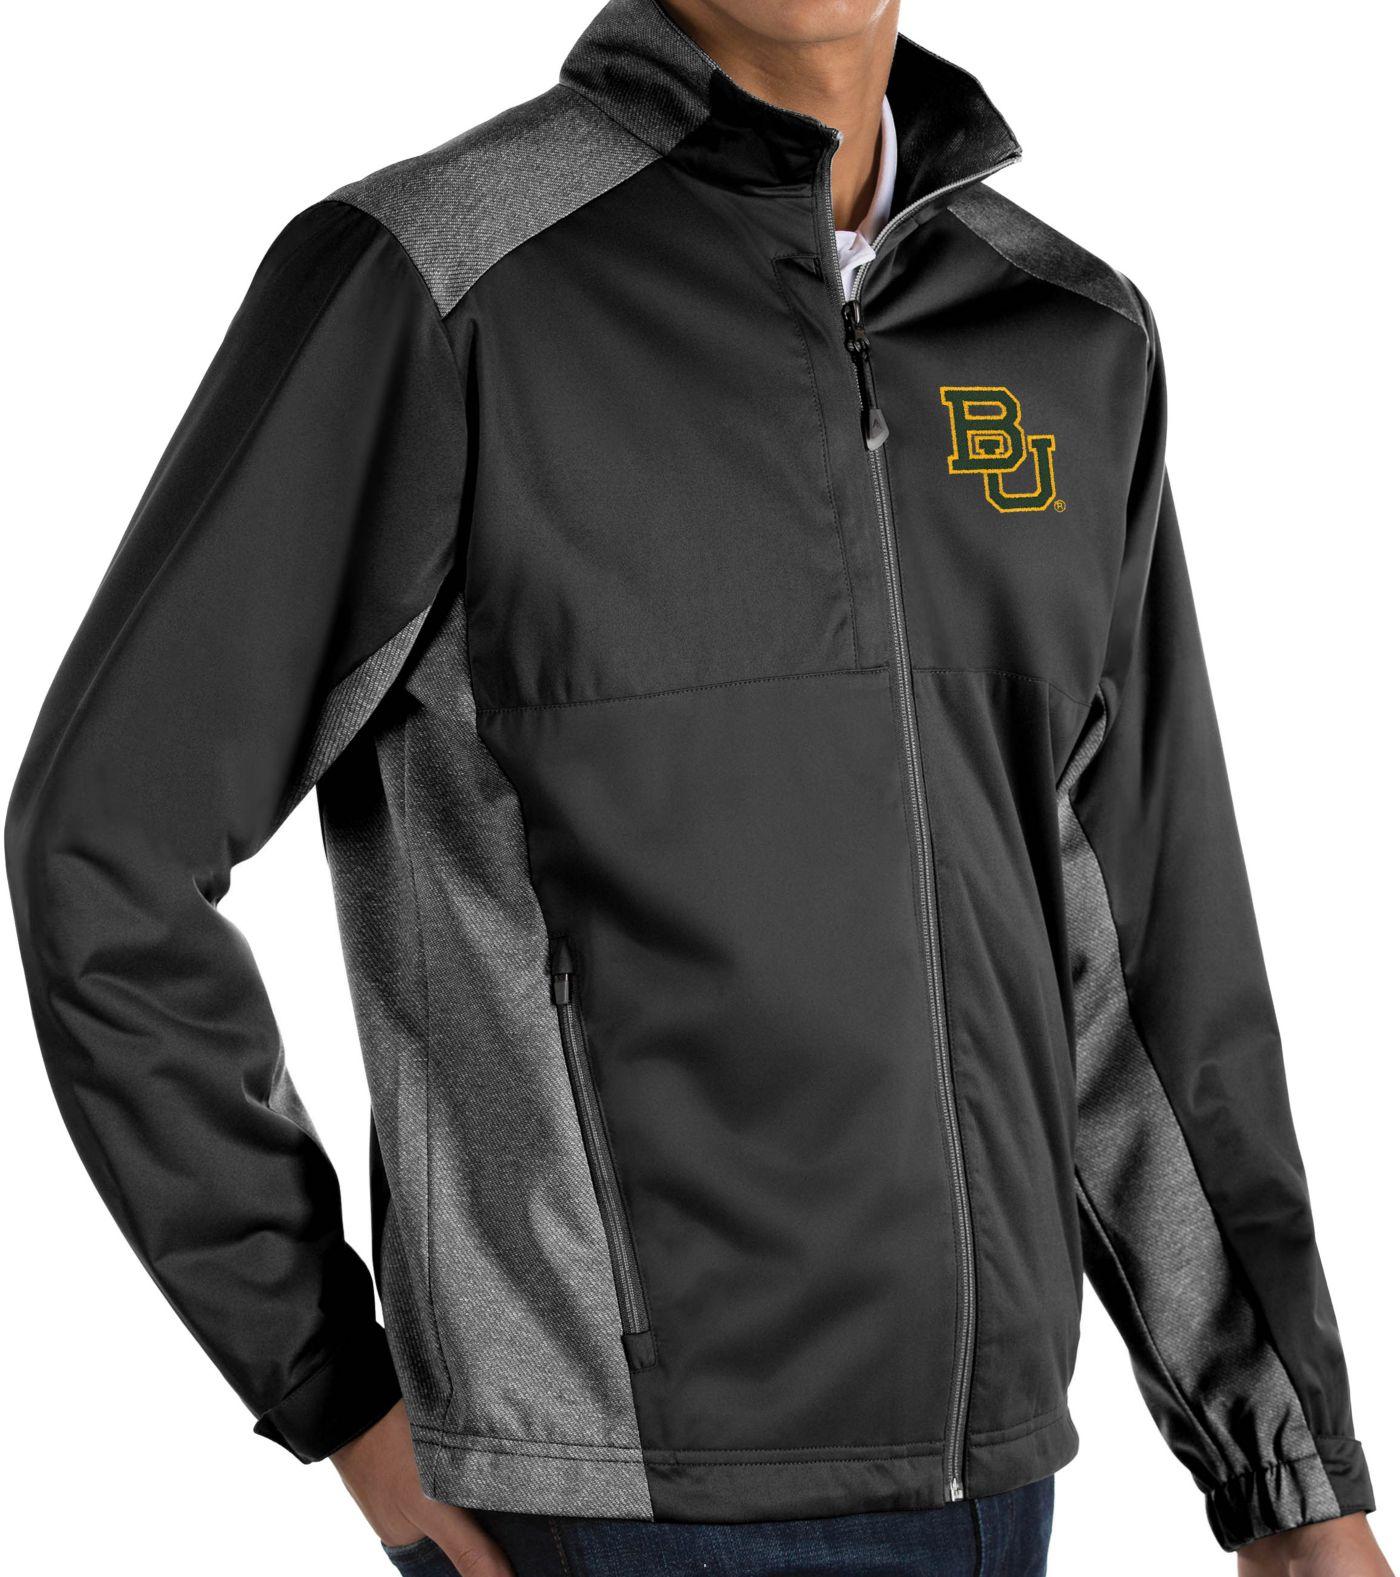 Antigua Men's Baylor Bears Revolve Full-Zip Black Jacket